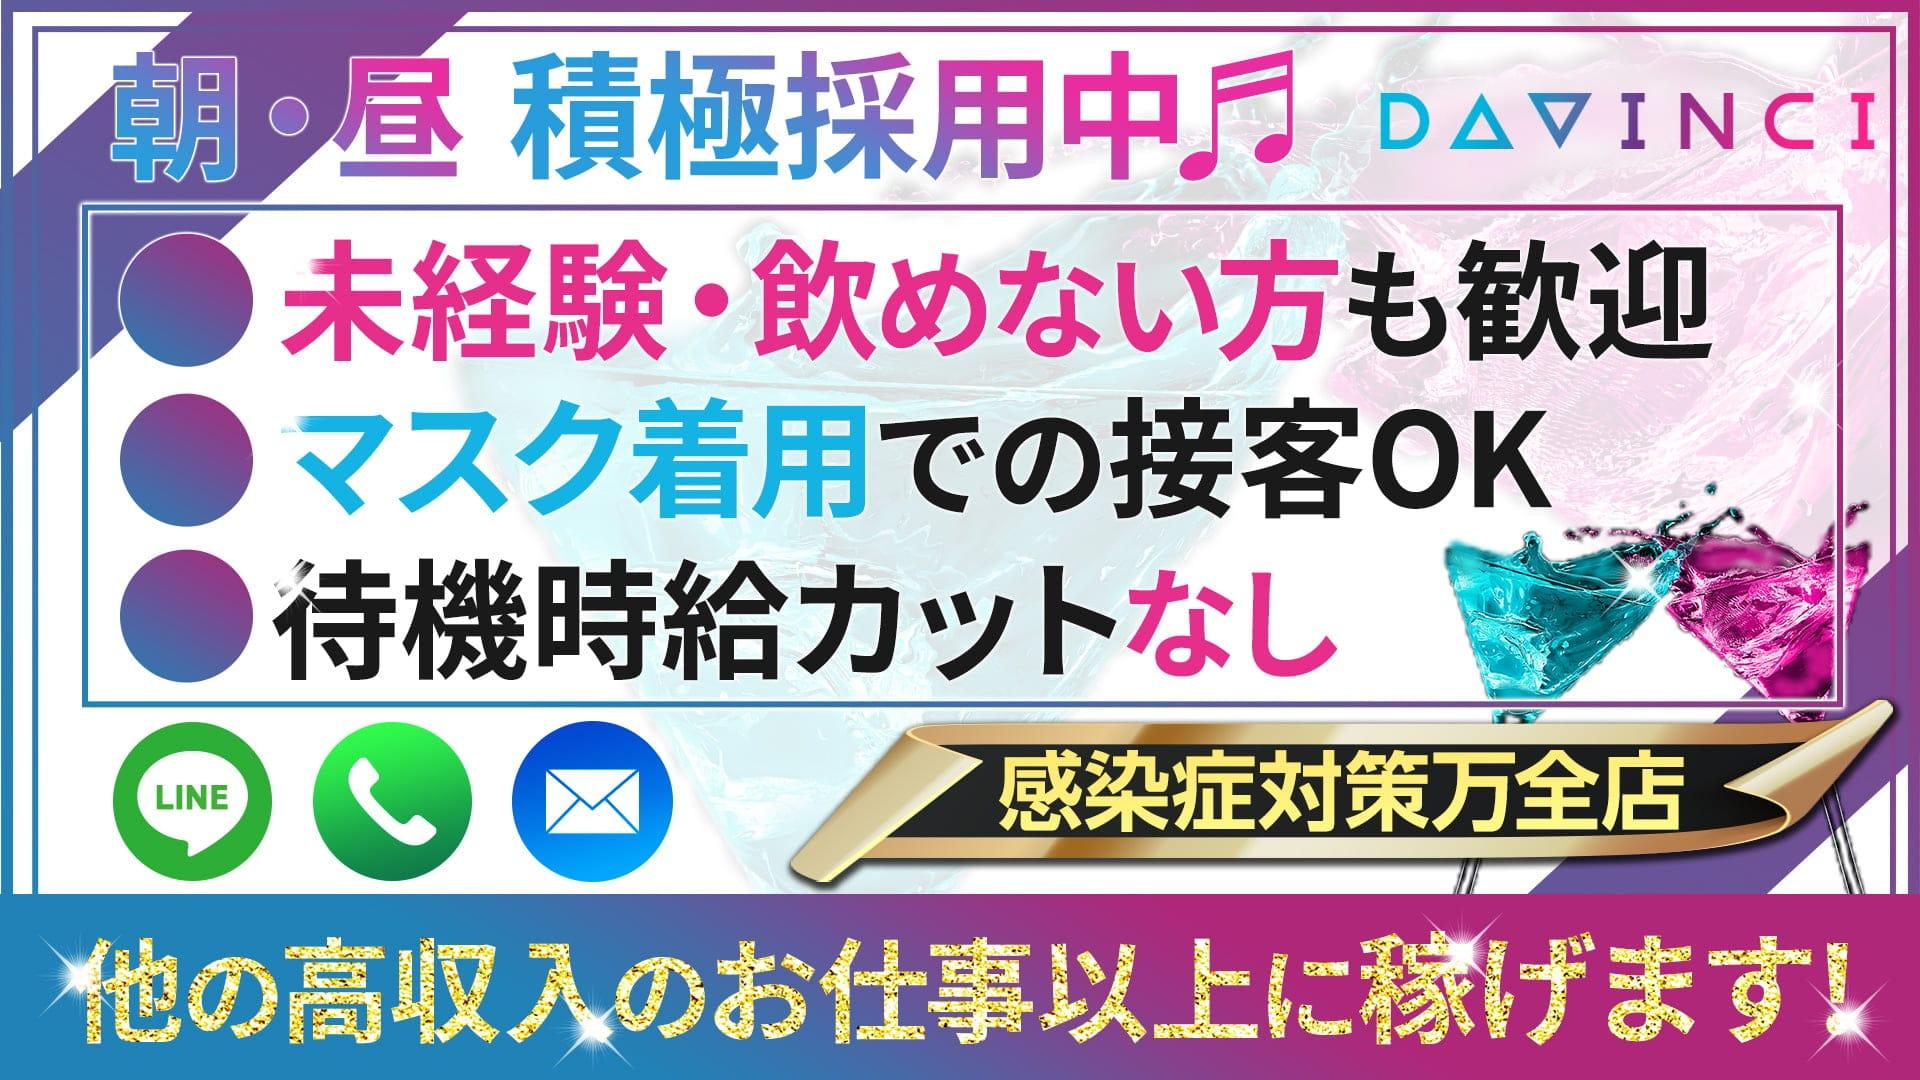 【24時間】Girl's Bar DAVINCI(ダヴィンチ)【公式求人・体入情報】 歌舞伎町ガールズバー TOP画像